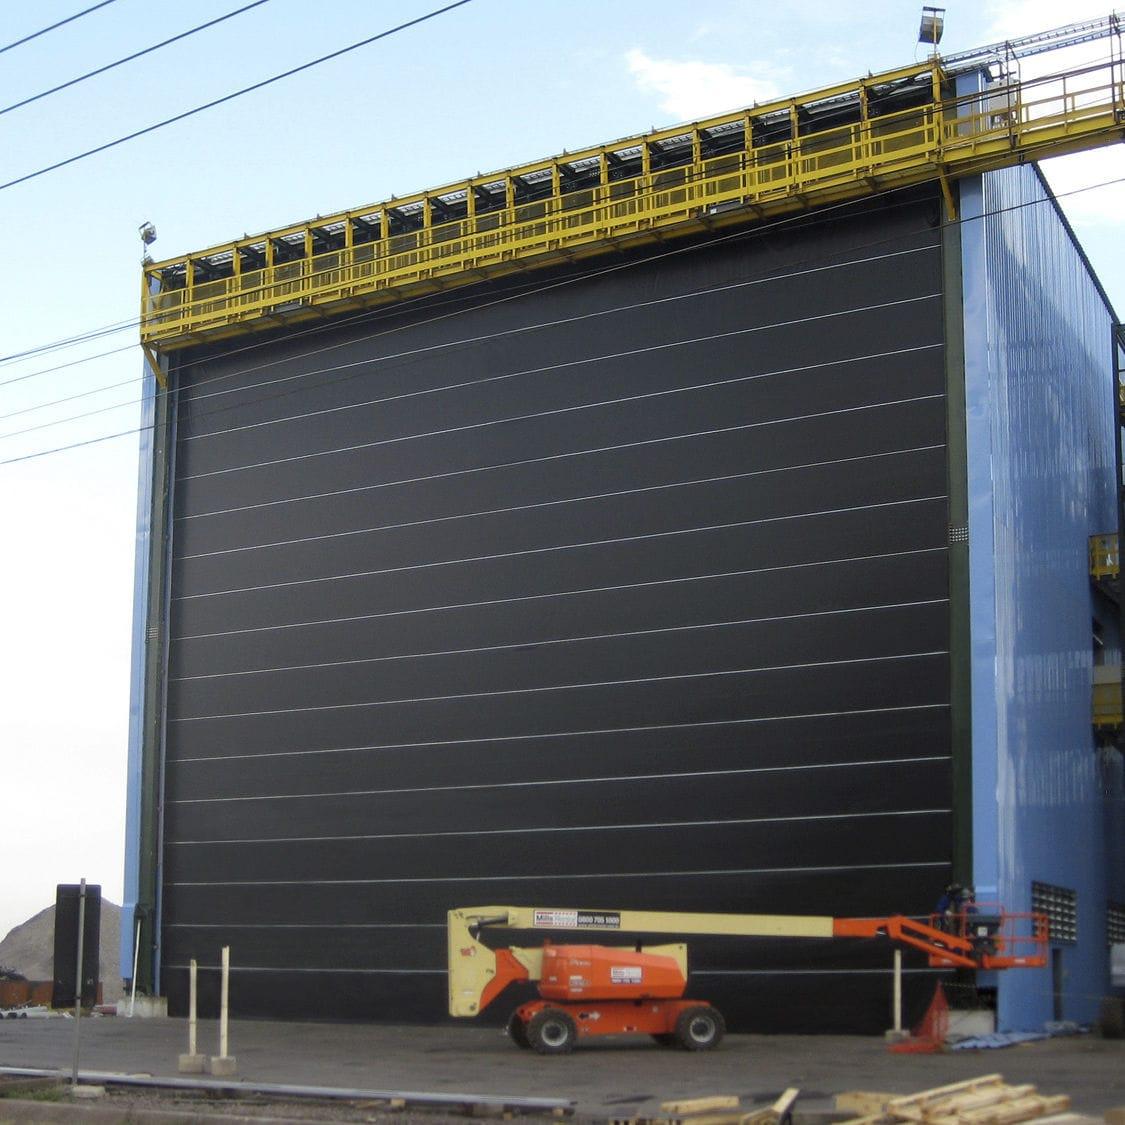 fold-up door / industrial / hangar / shipyard & Fold-up door / industrial / hangar / shipyard - Champion Door - Videos